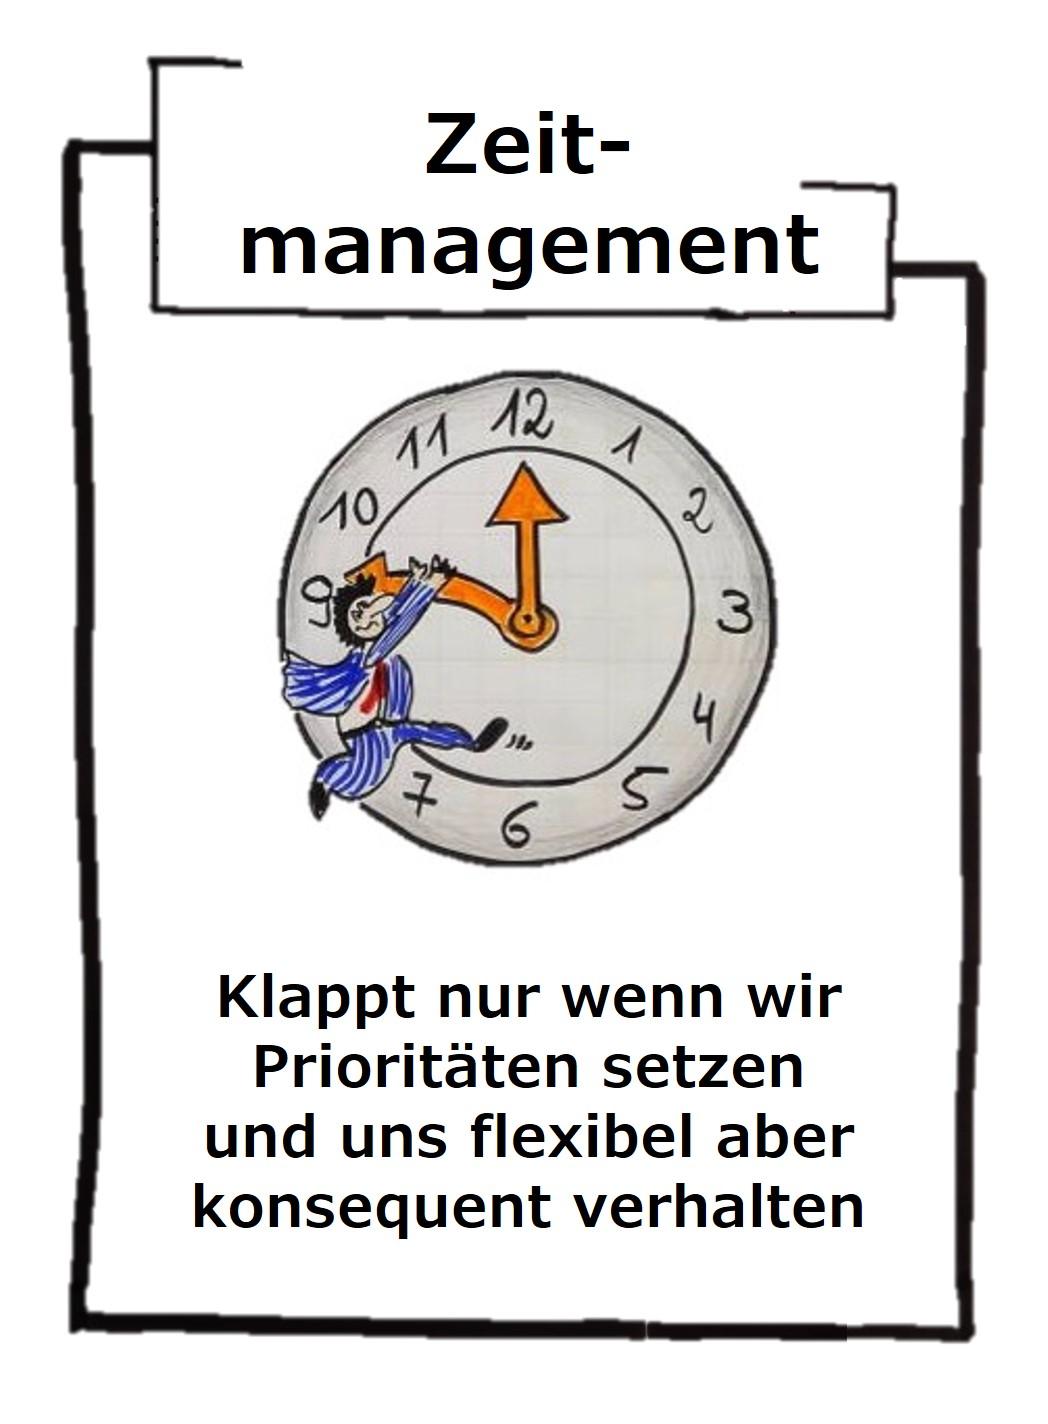 Zeitmanagement ist genauso wichtig, wie ein Selbstmanagement, denn nur wir sind Herr unserer Zeit, sonst niemand!